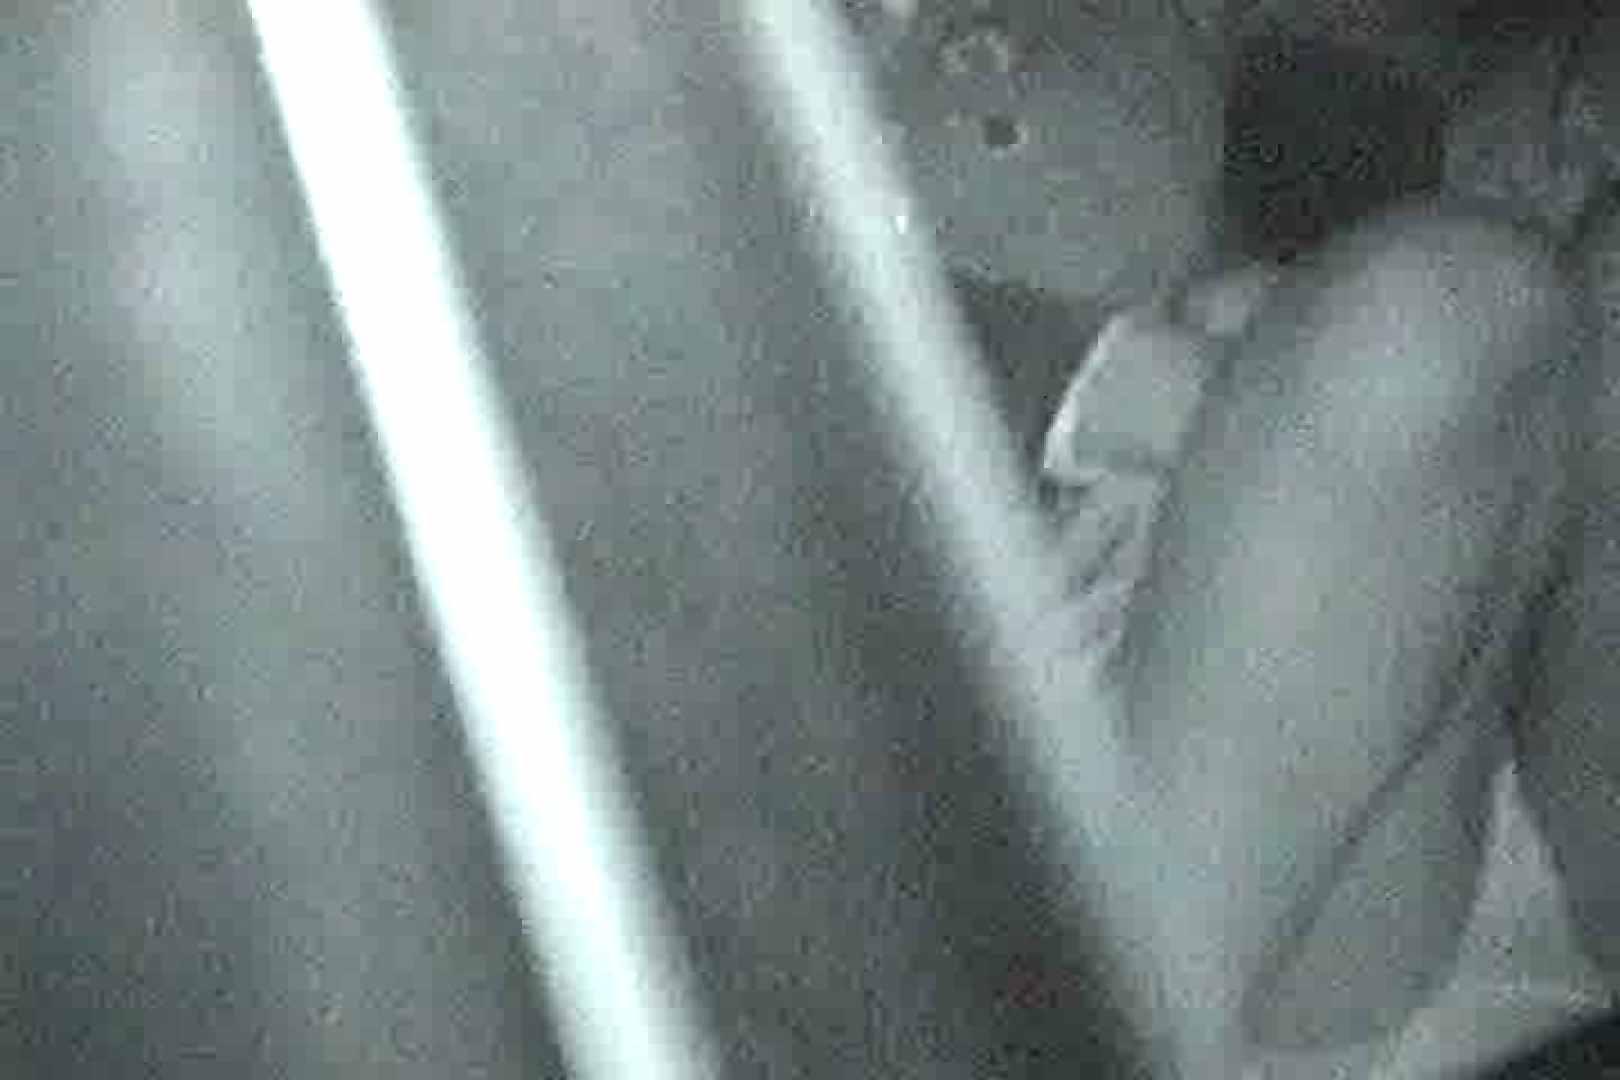 充血監督の深夜の運動会Vol.2 車 盗み撮り動画キャプチャ 69画像 63